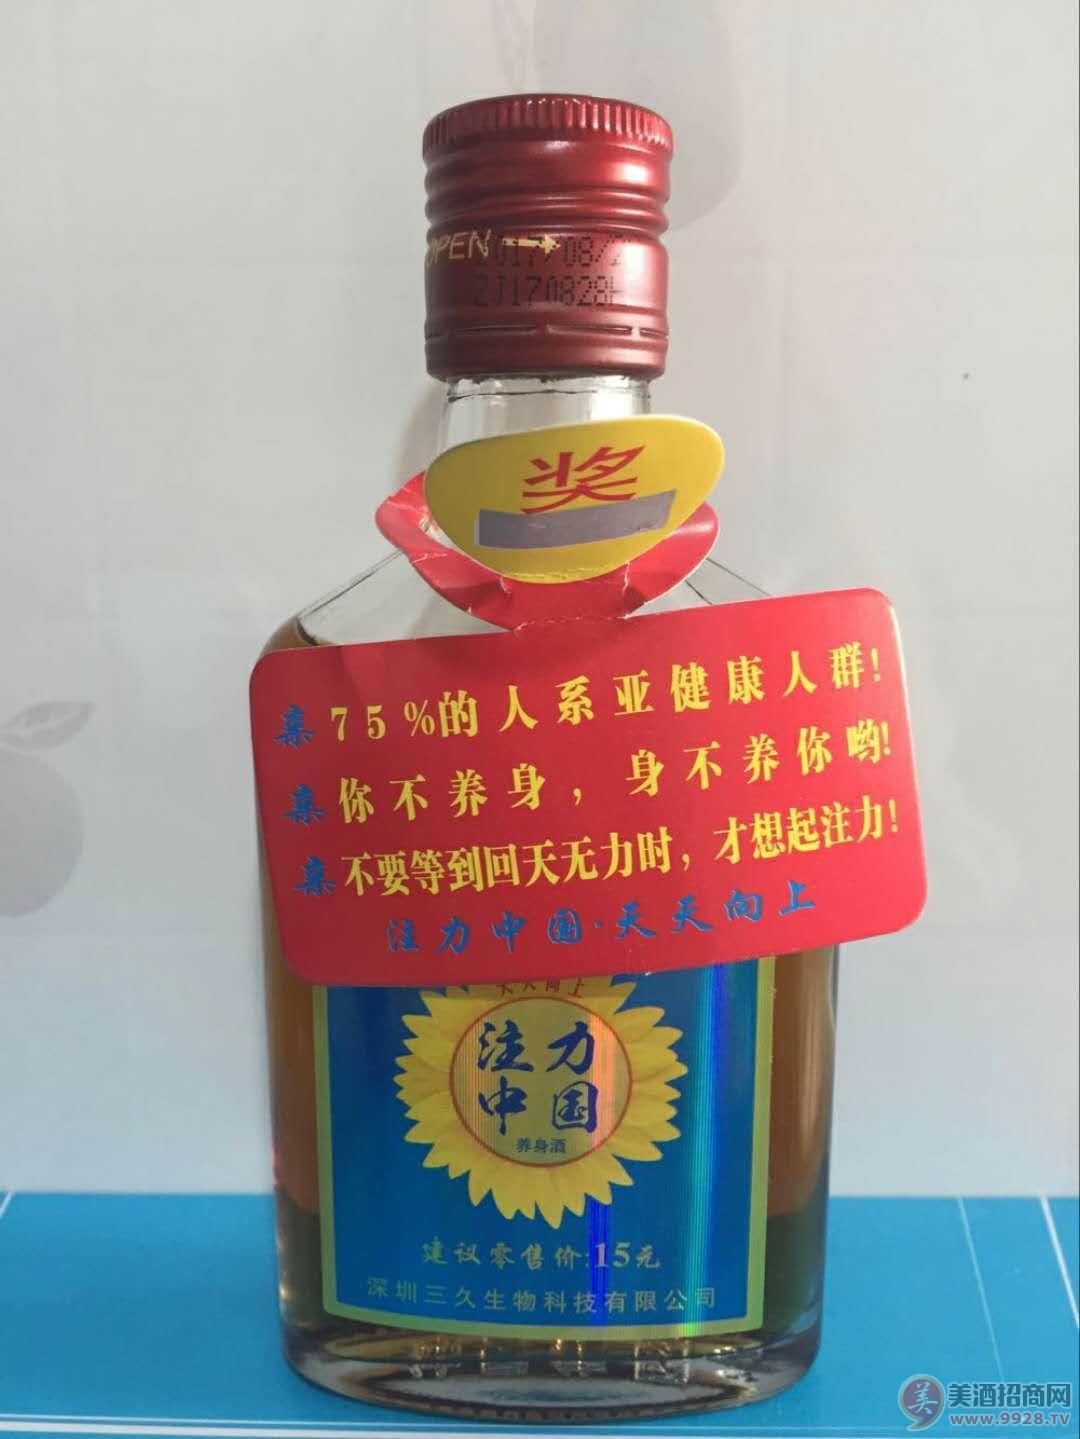 贵人酒的价格表图片